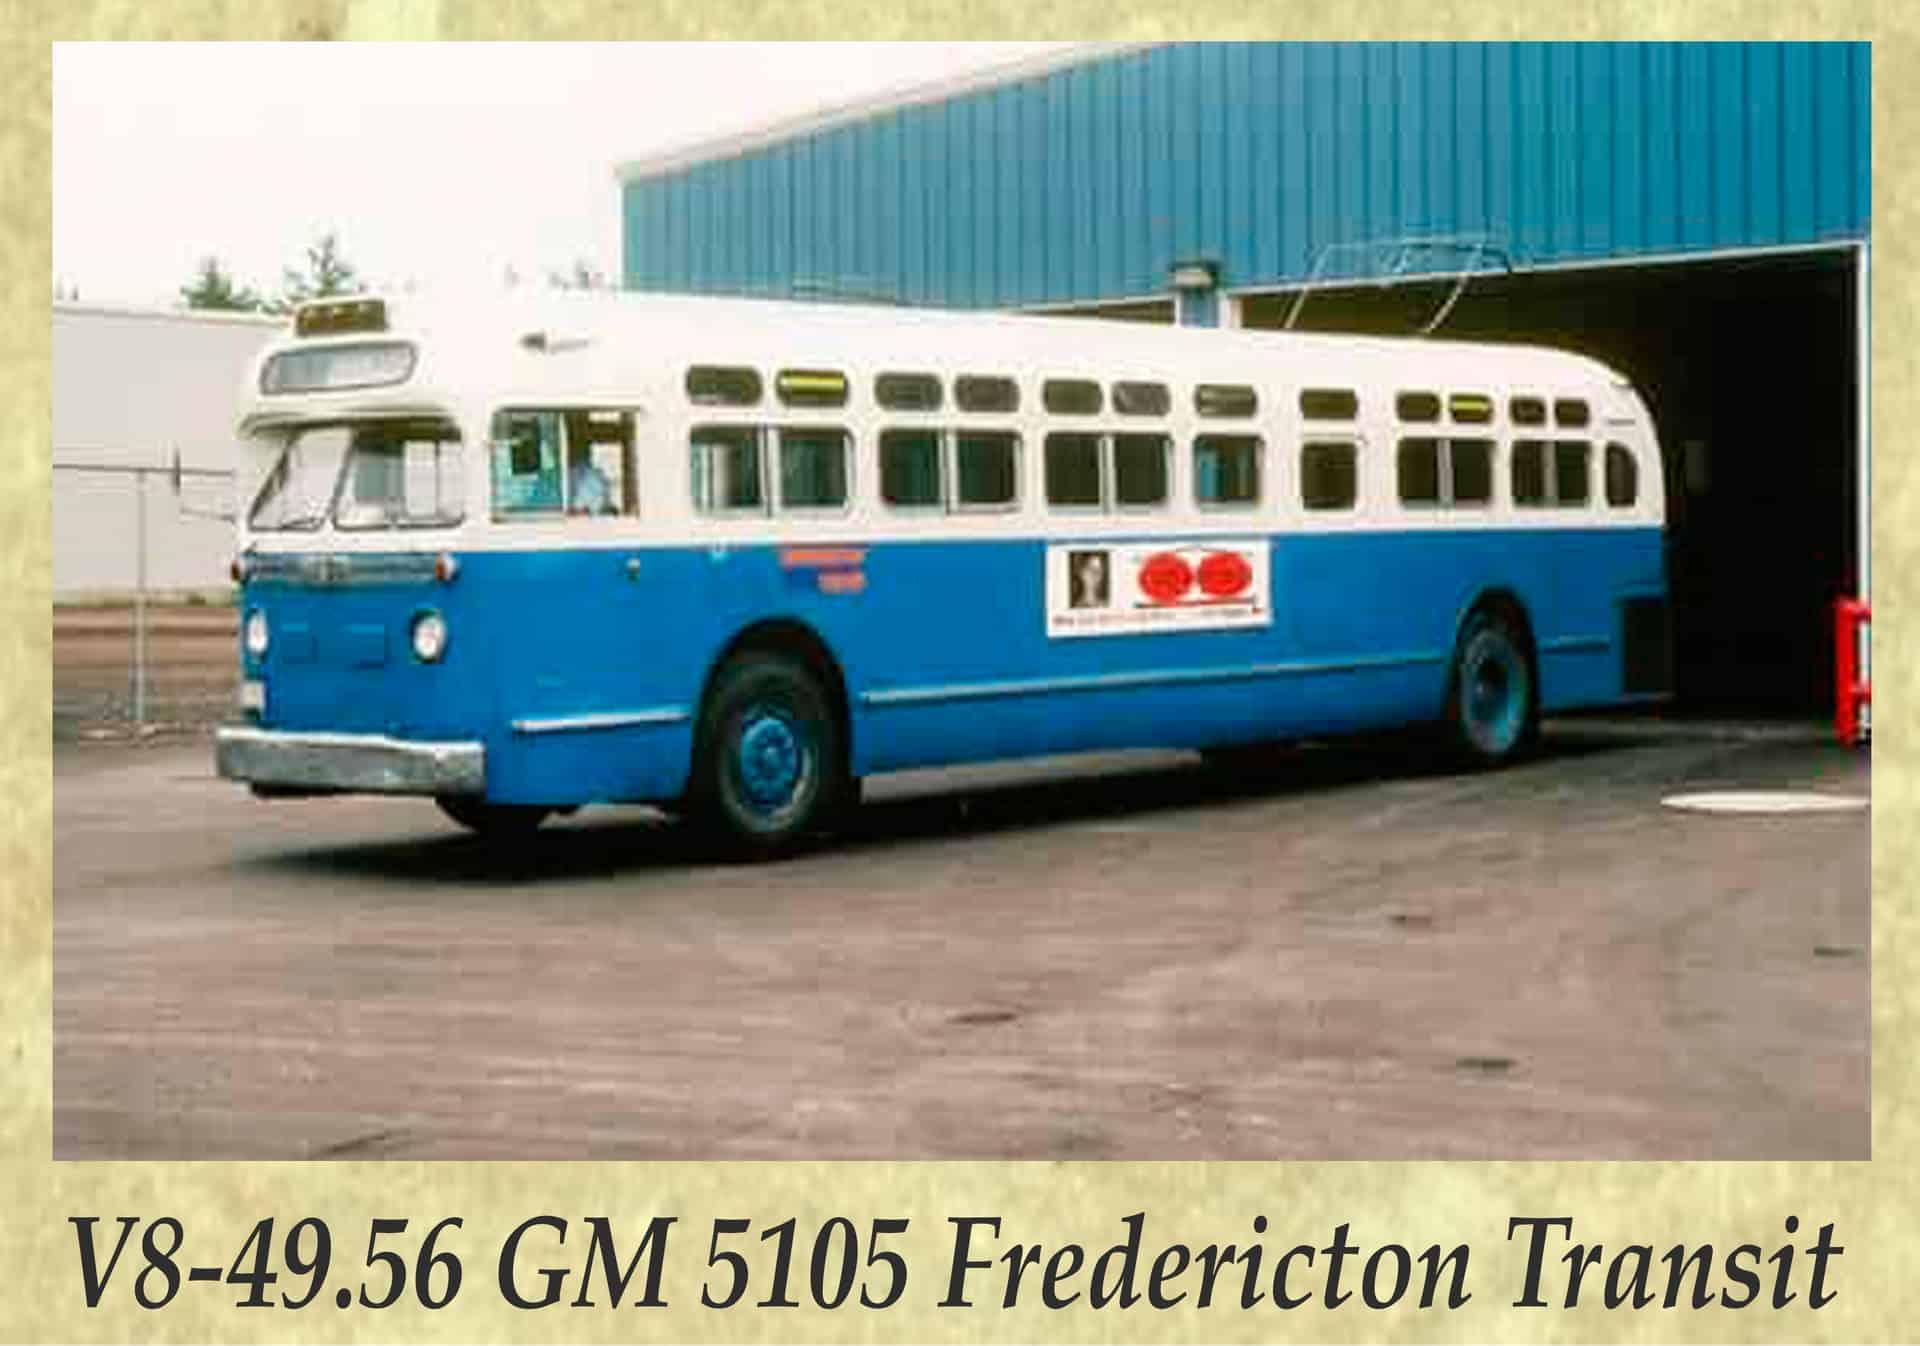 V8-49.56 GM 5105 Fredericton Transit